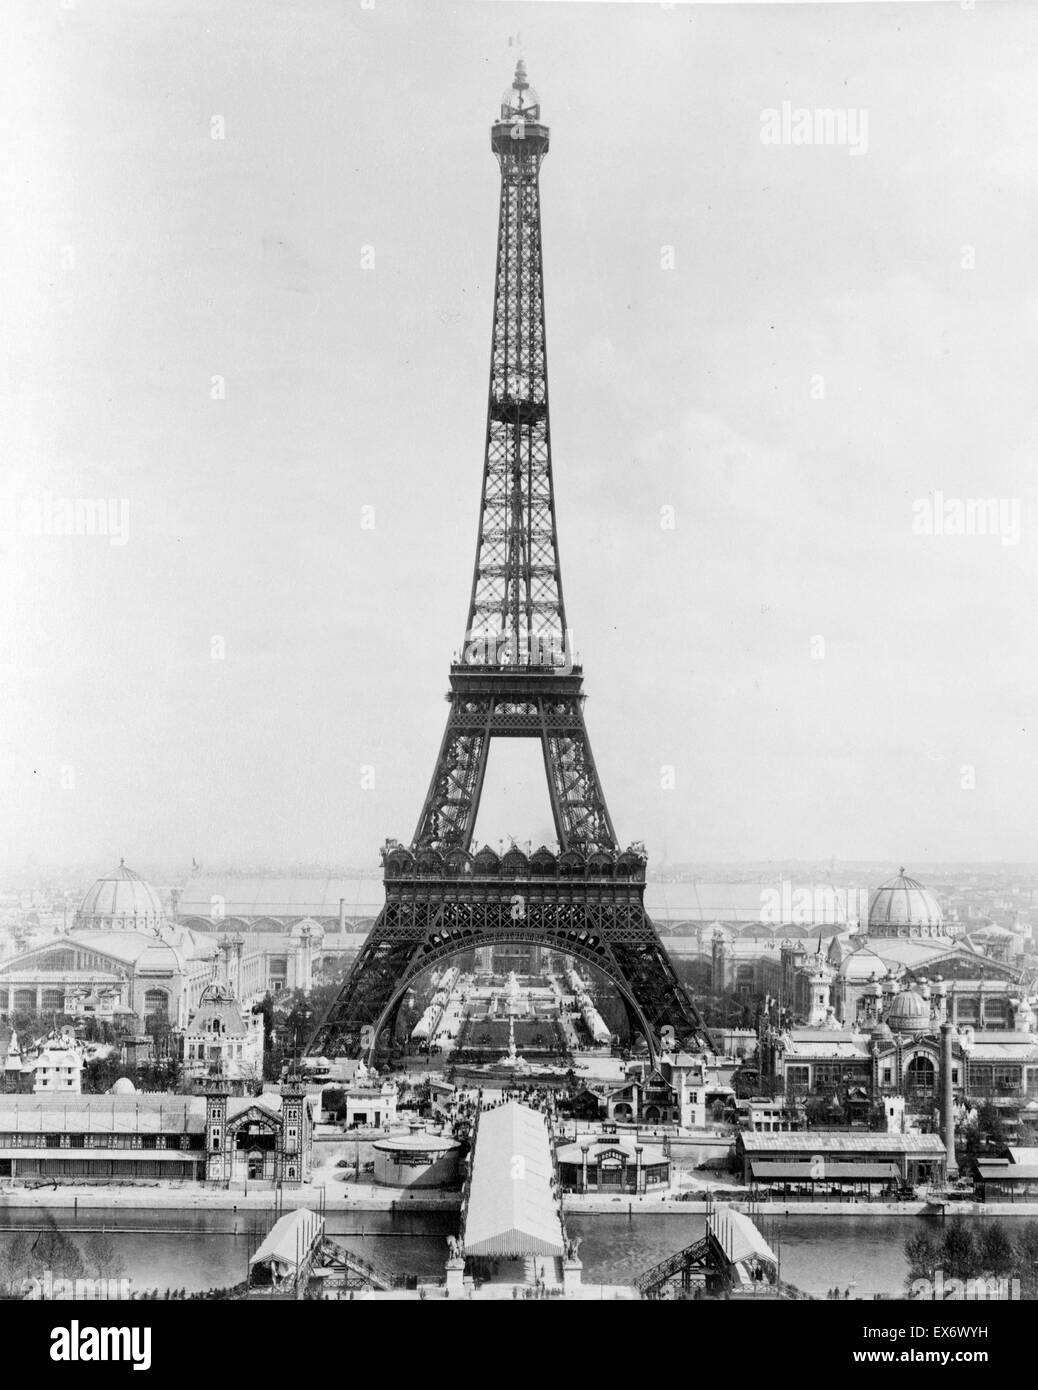 Impression photographique de la Tour Eiffel. Datée 1889 Photo Stock